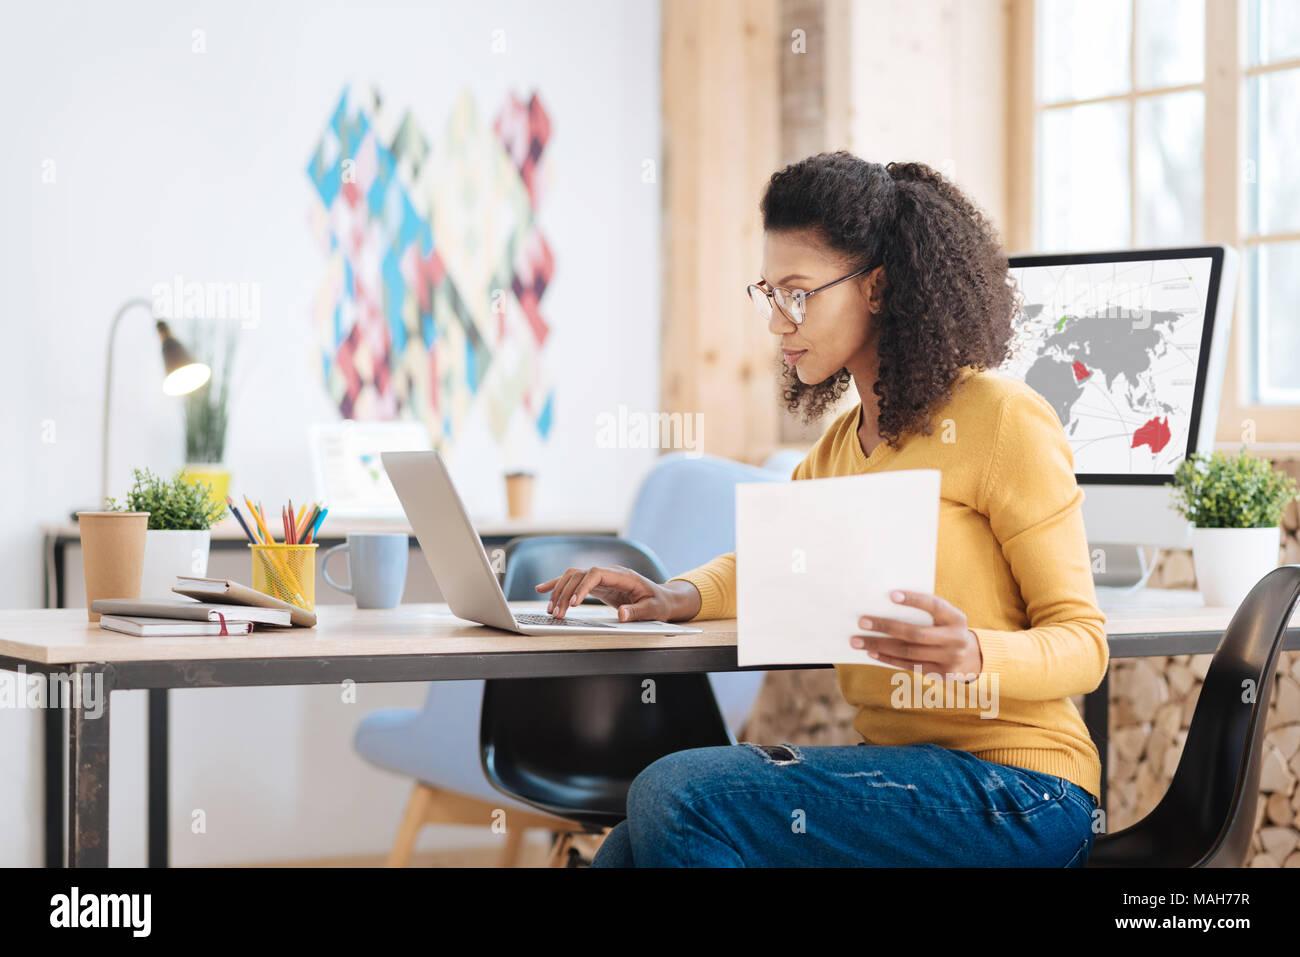 Concentrado empresaria joven trabajando en su portátil Imagen De Stock